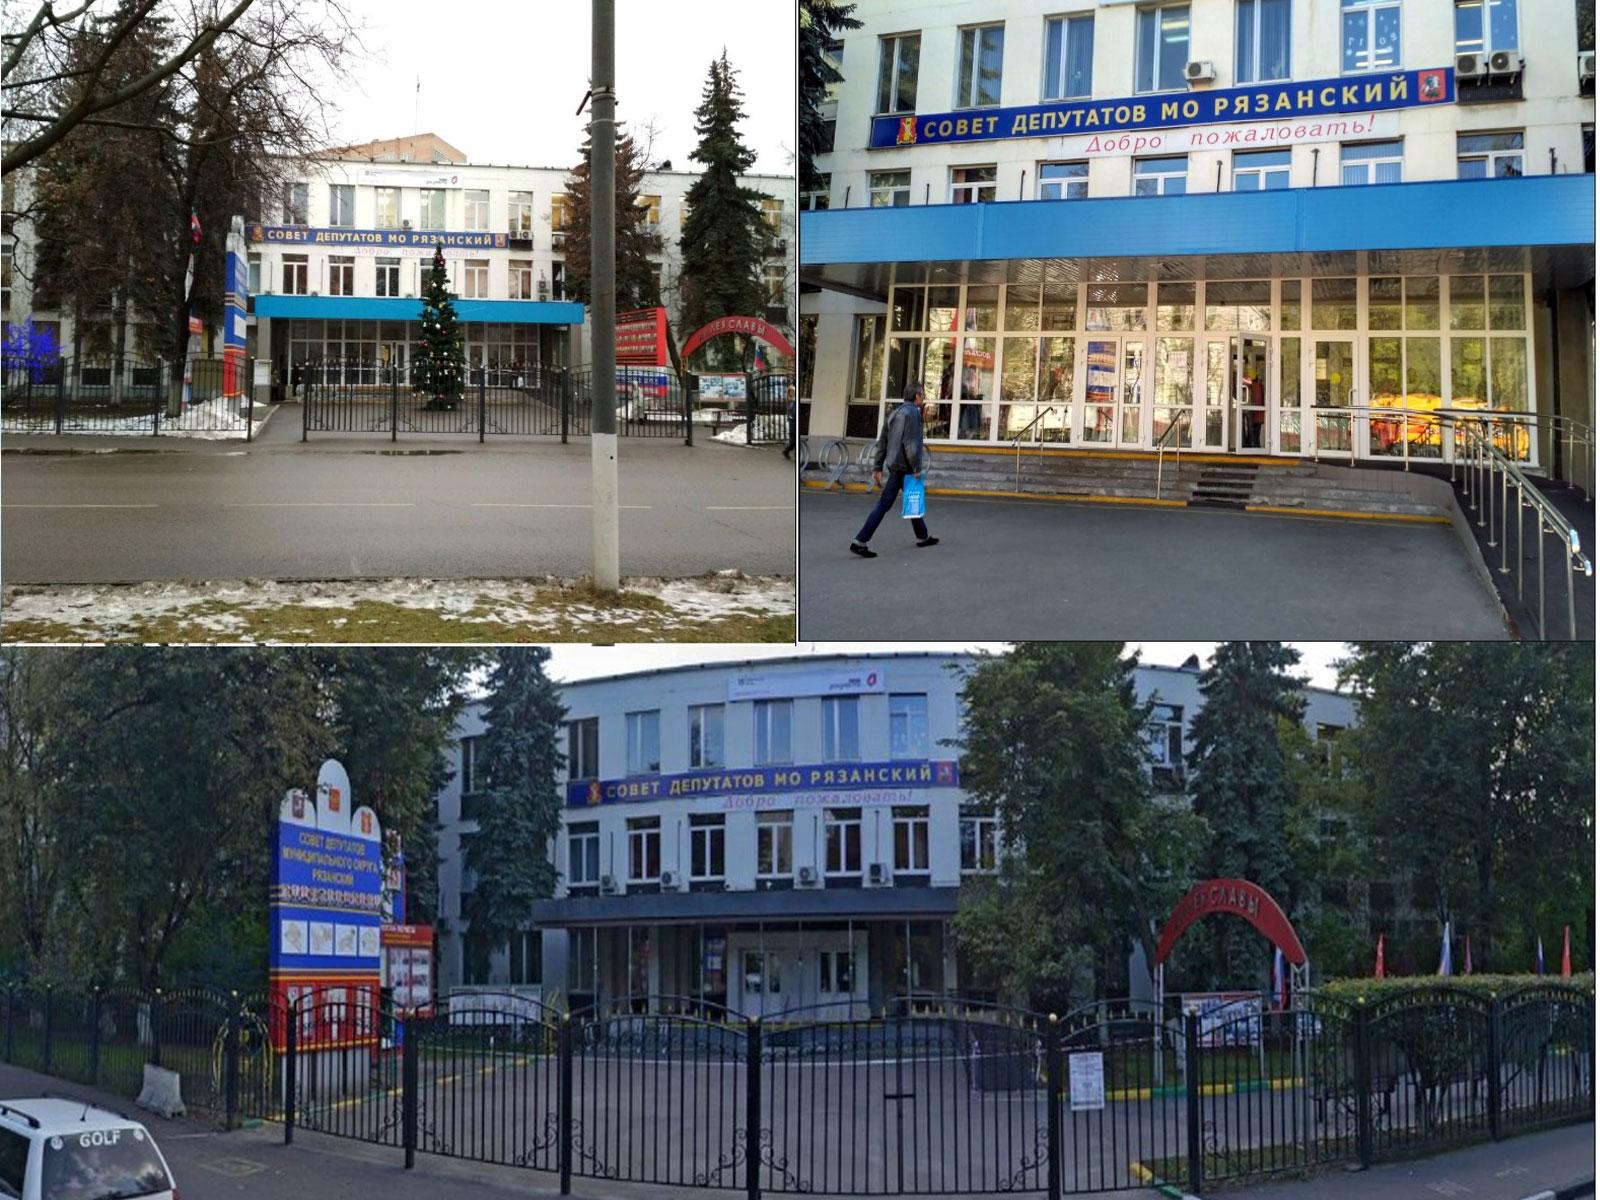 вид здания уфмс Рязанского района